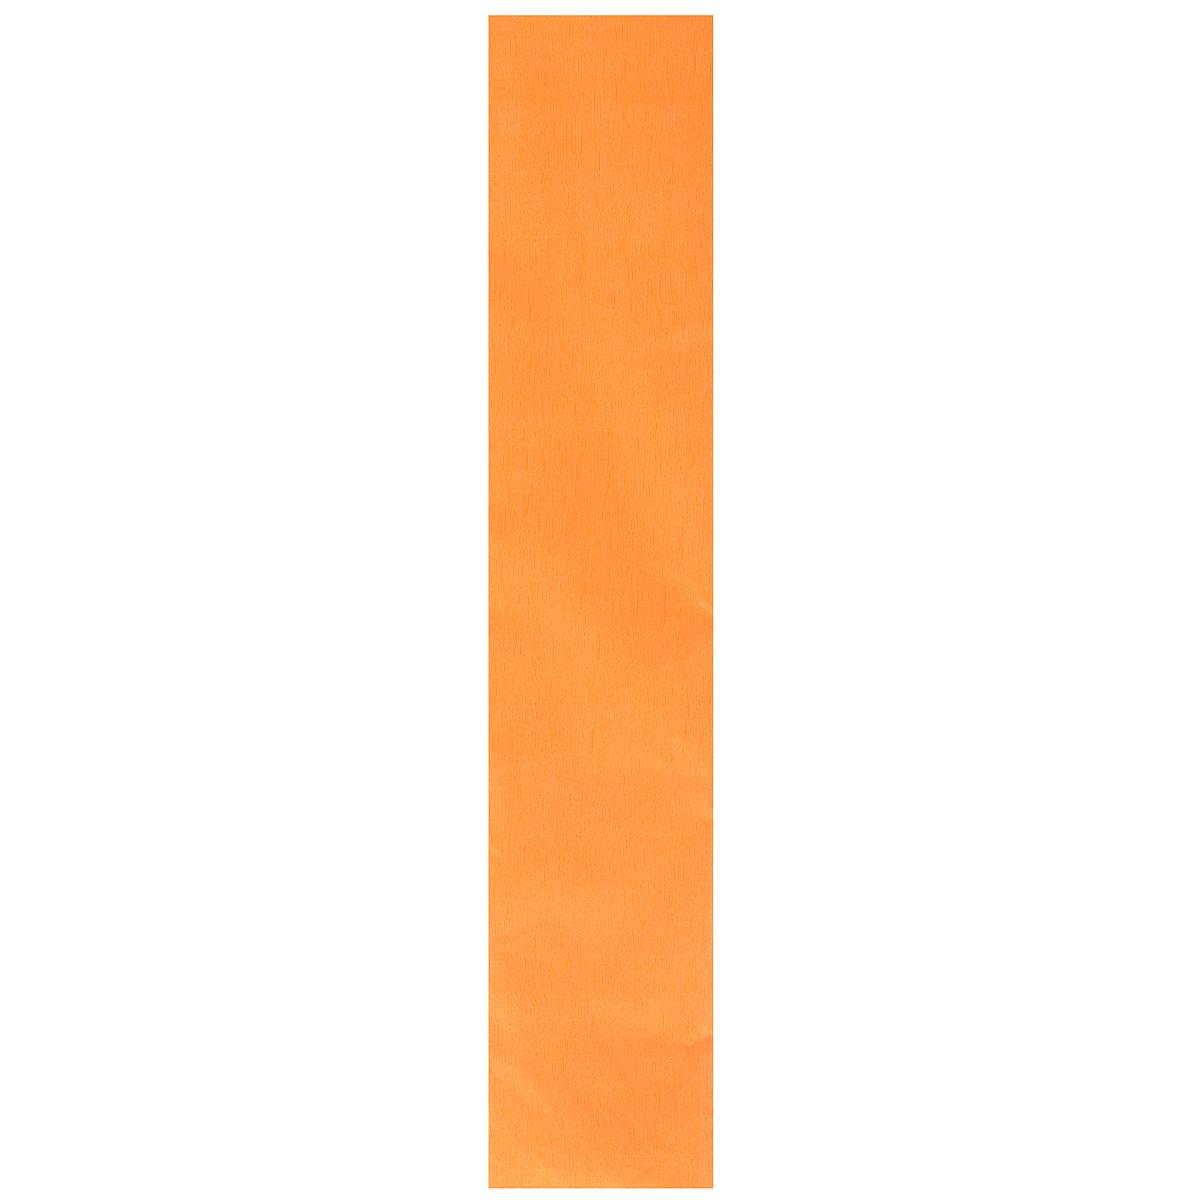 Бумага крепированная Проф-Пресс, флюоресцентная, цвет: оранжевый, 50 см х 250 смБ-2306Крепированная флюоресцентная бумага Проф-Пресс - отличный вариант для воплощения творческих идей не только детей, но и взрослых. Она отлично подойдет для упаковки хрупких изделий, при оформлении букетов, создании сложных цветовых композиций, для декорирования и других оформительских работ. Бумага обладает повышенной прочностью и жесткостью, хорошо растягивается, имеет жатую поверхность. Кроме того, флюоресцентная бумага Проф-Пресс поможет увлечь ребенка, развивая интерес к художественному творчеству, эстетический вкус и восприятие, увеличивая желание делать подарки своими руками, воспитывая самостоятельность и аккуратность в работе. Такая бумага поможет вашему ребенку раскрыть свои таланты.